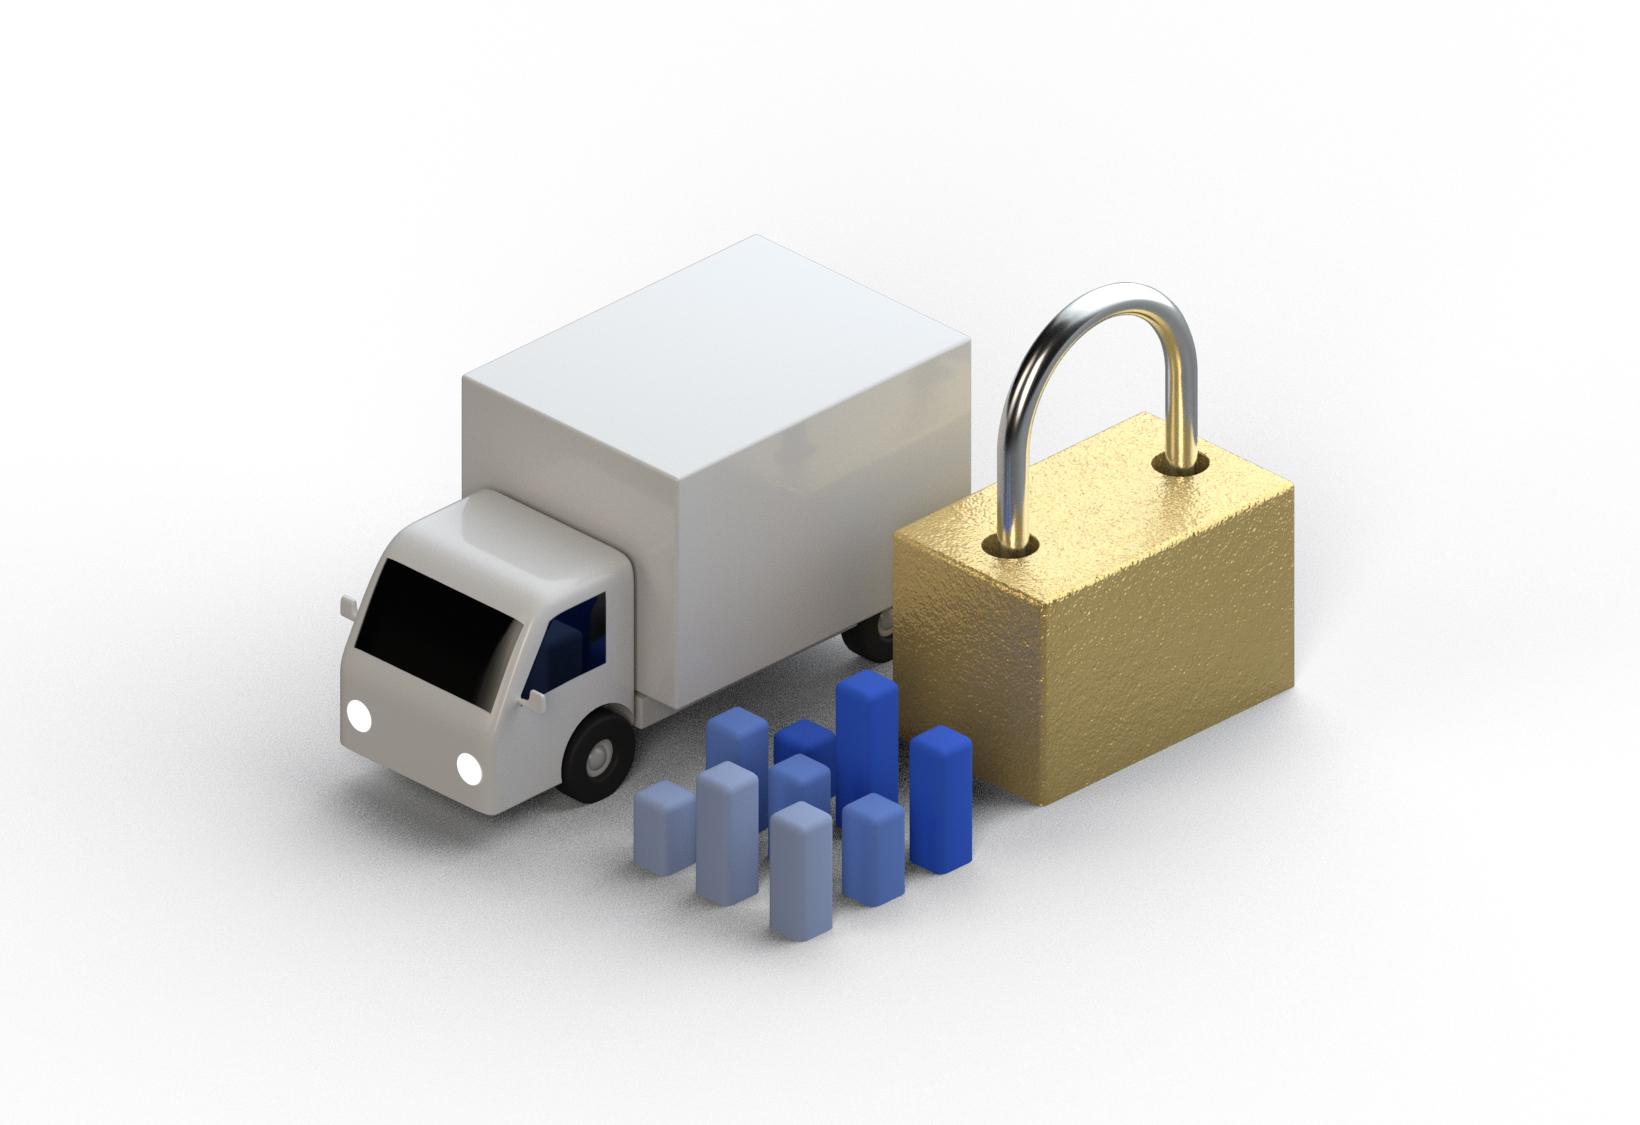 Securityc4d